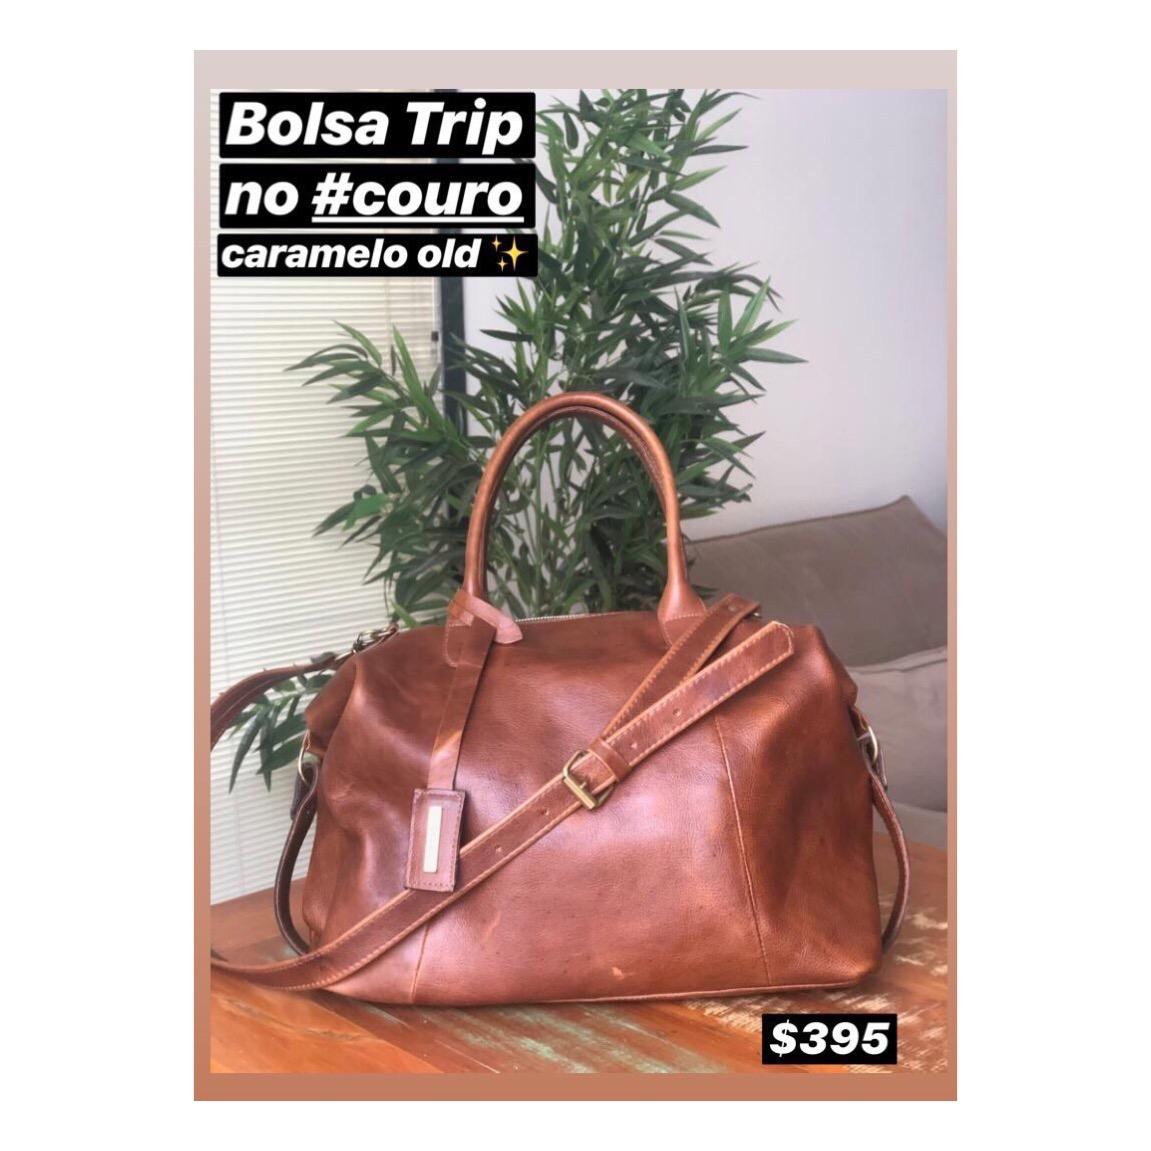 BOLSA TRIP NO COURO CARAMELO OLD!